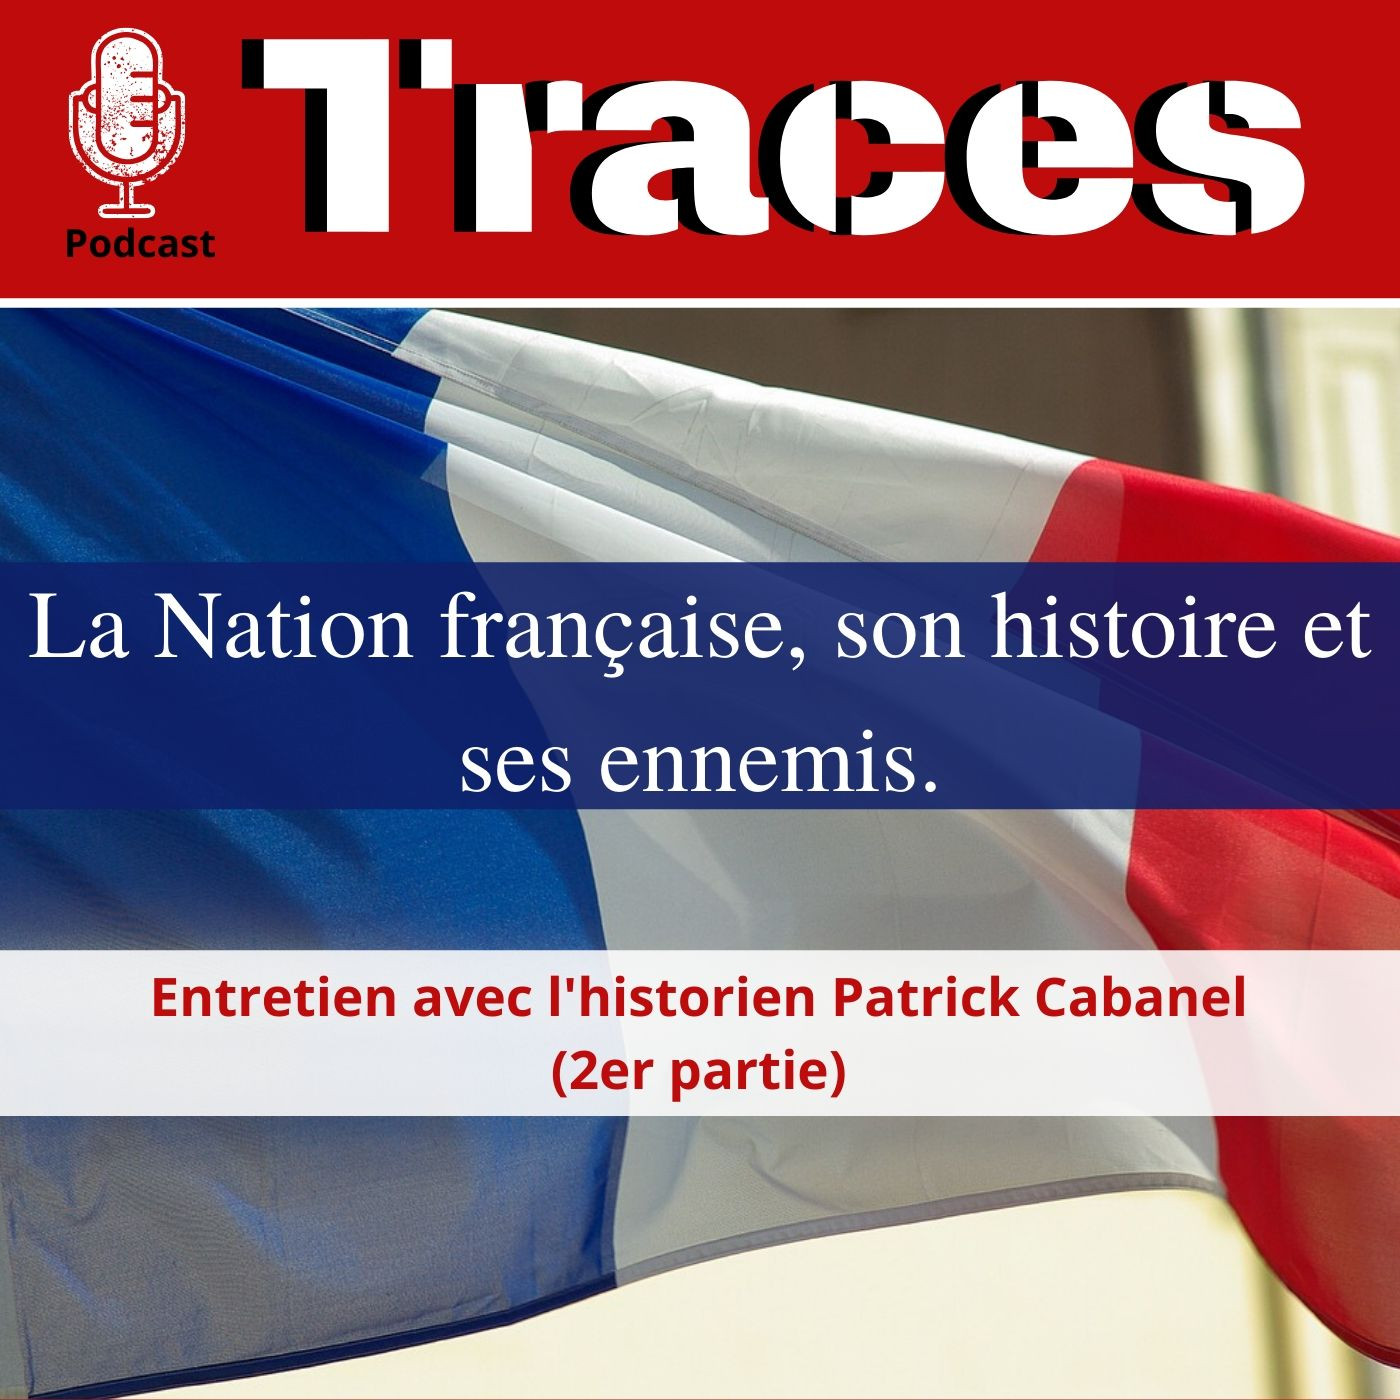 La Nation française, son histoire et ses ennemis. (2/2)